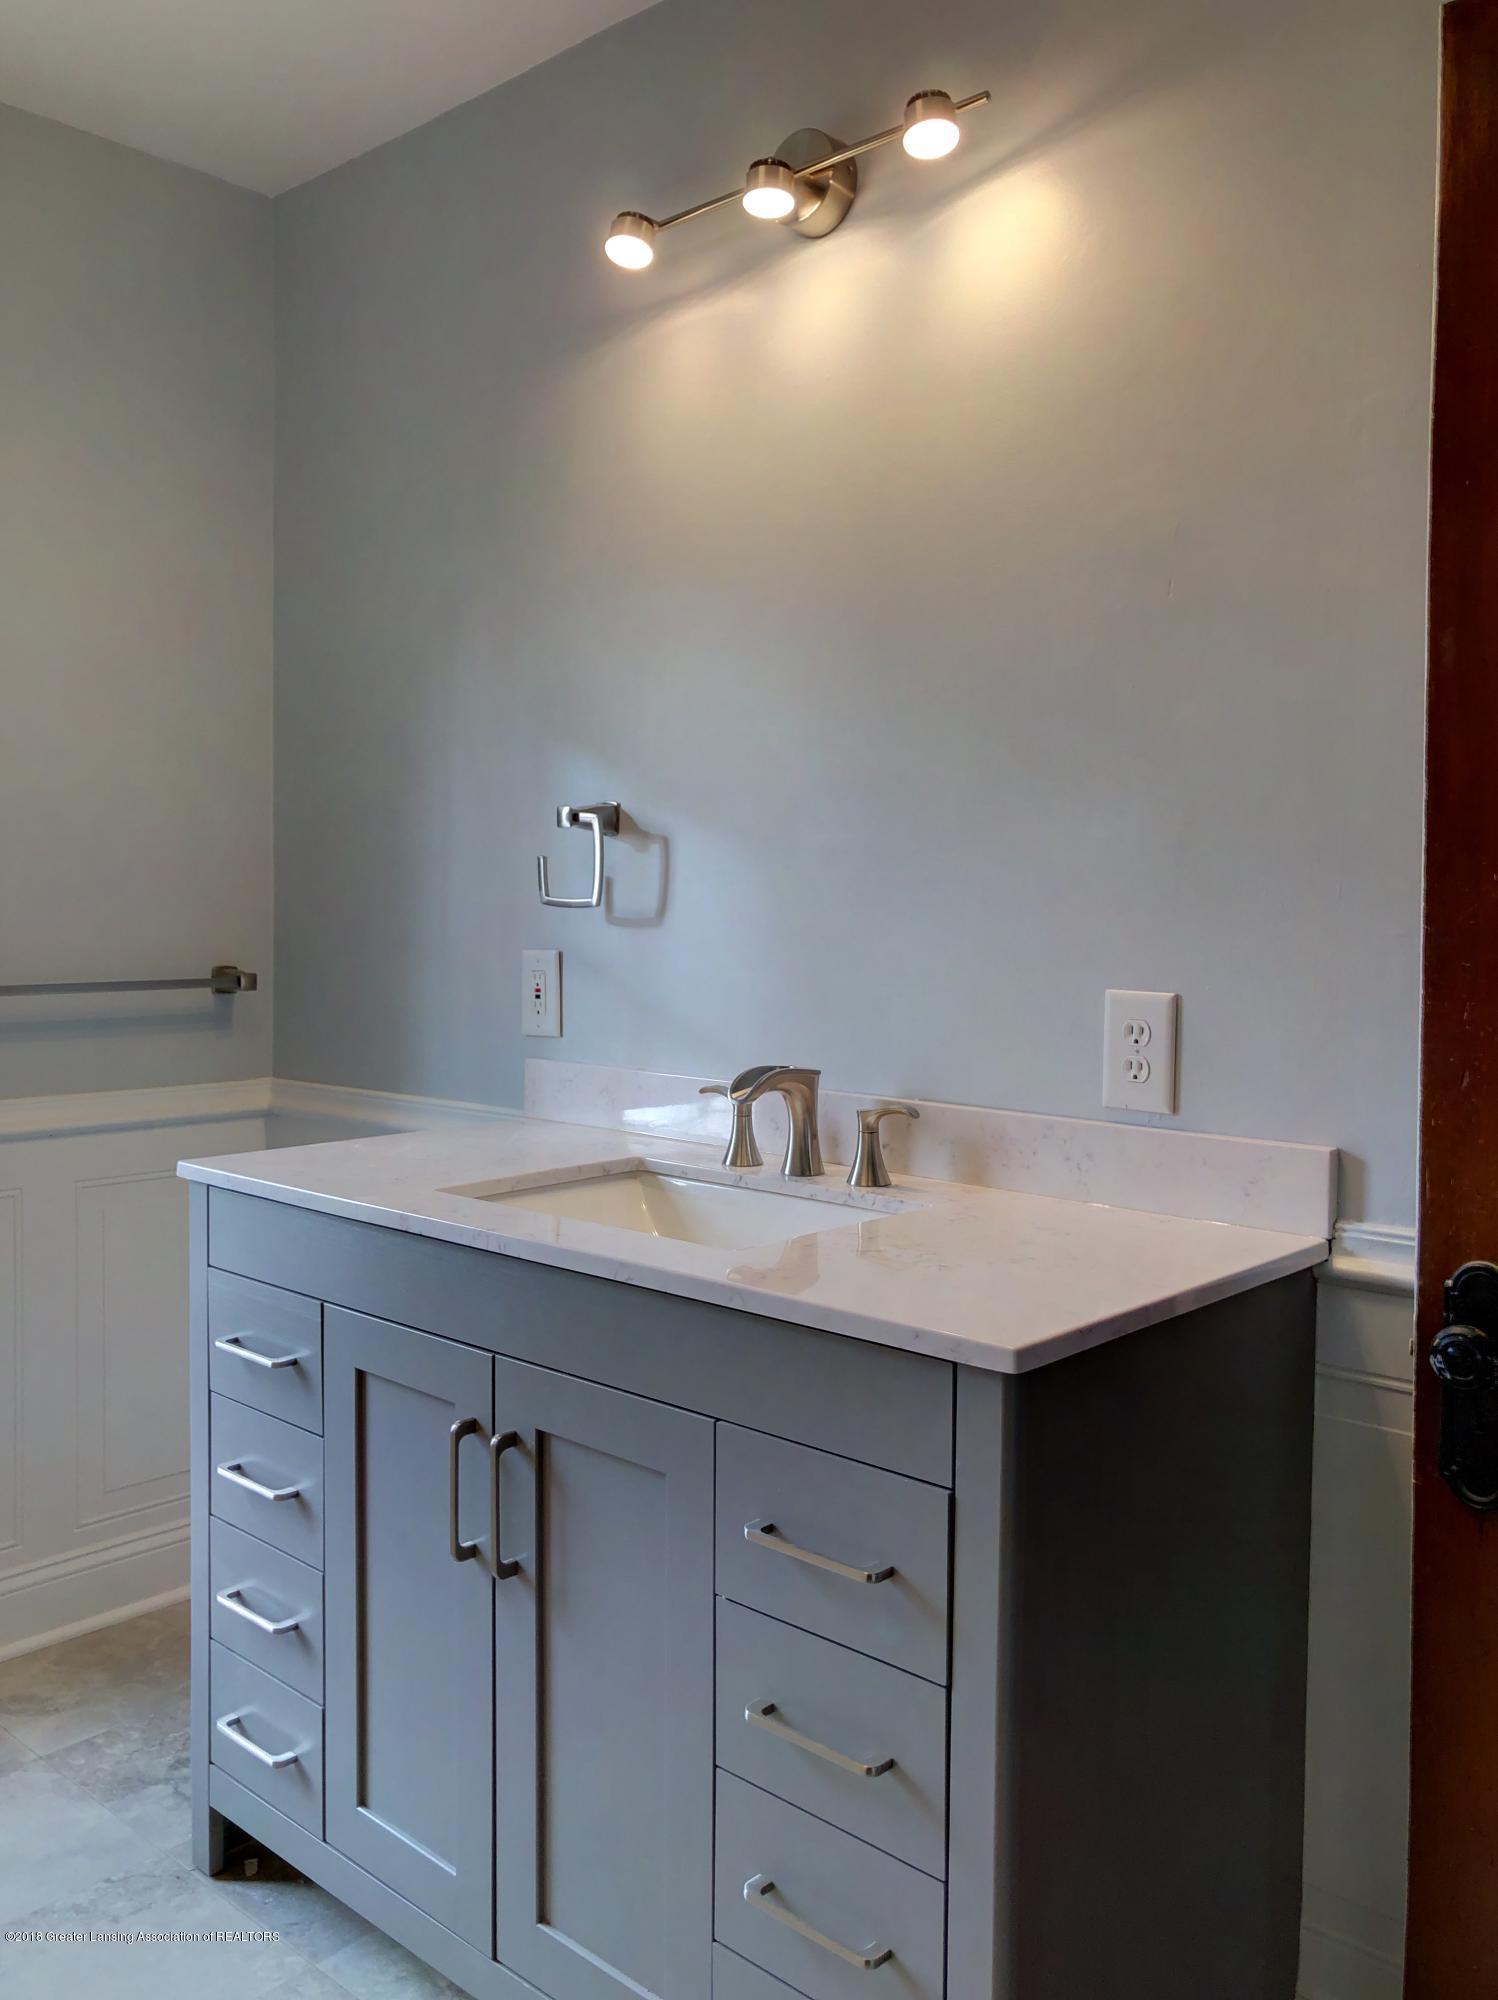 224 W North St - Bathroom 2 - 17